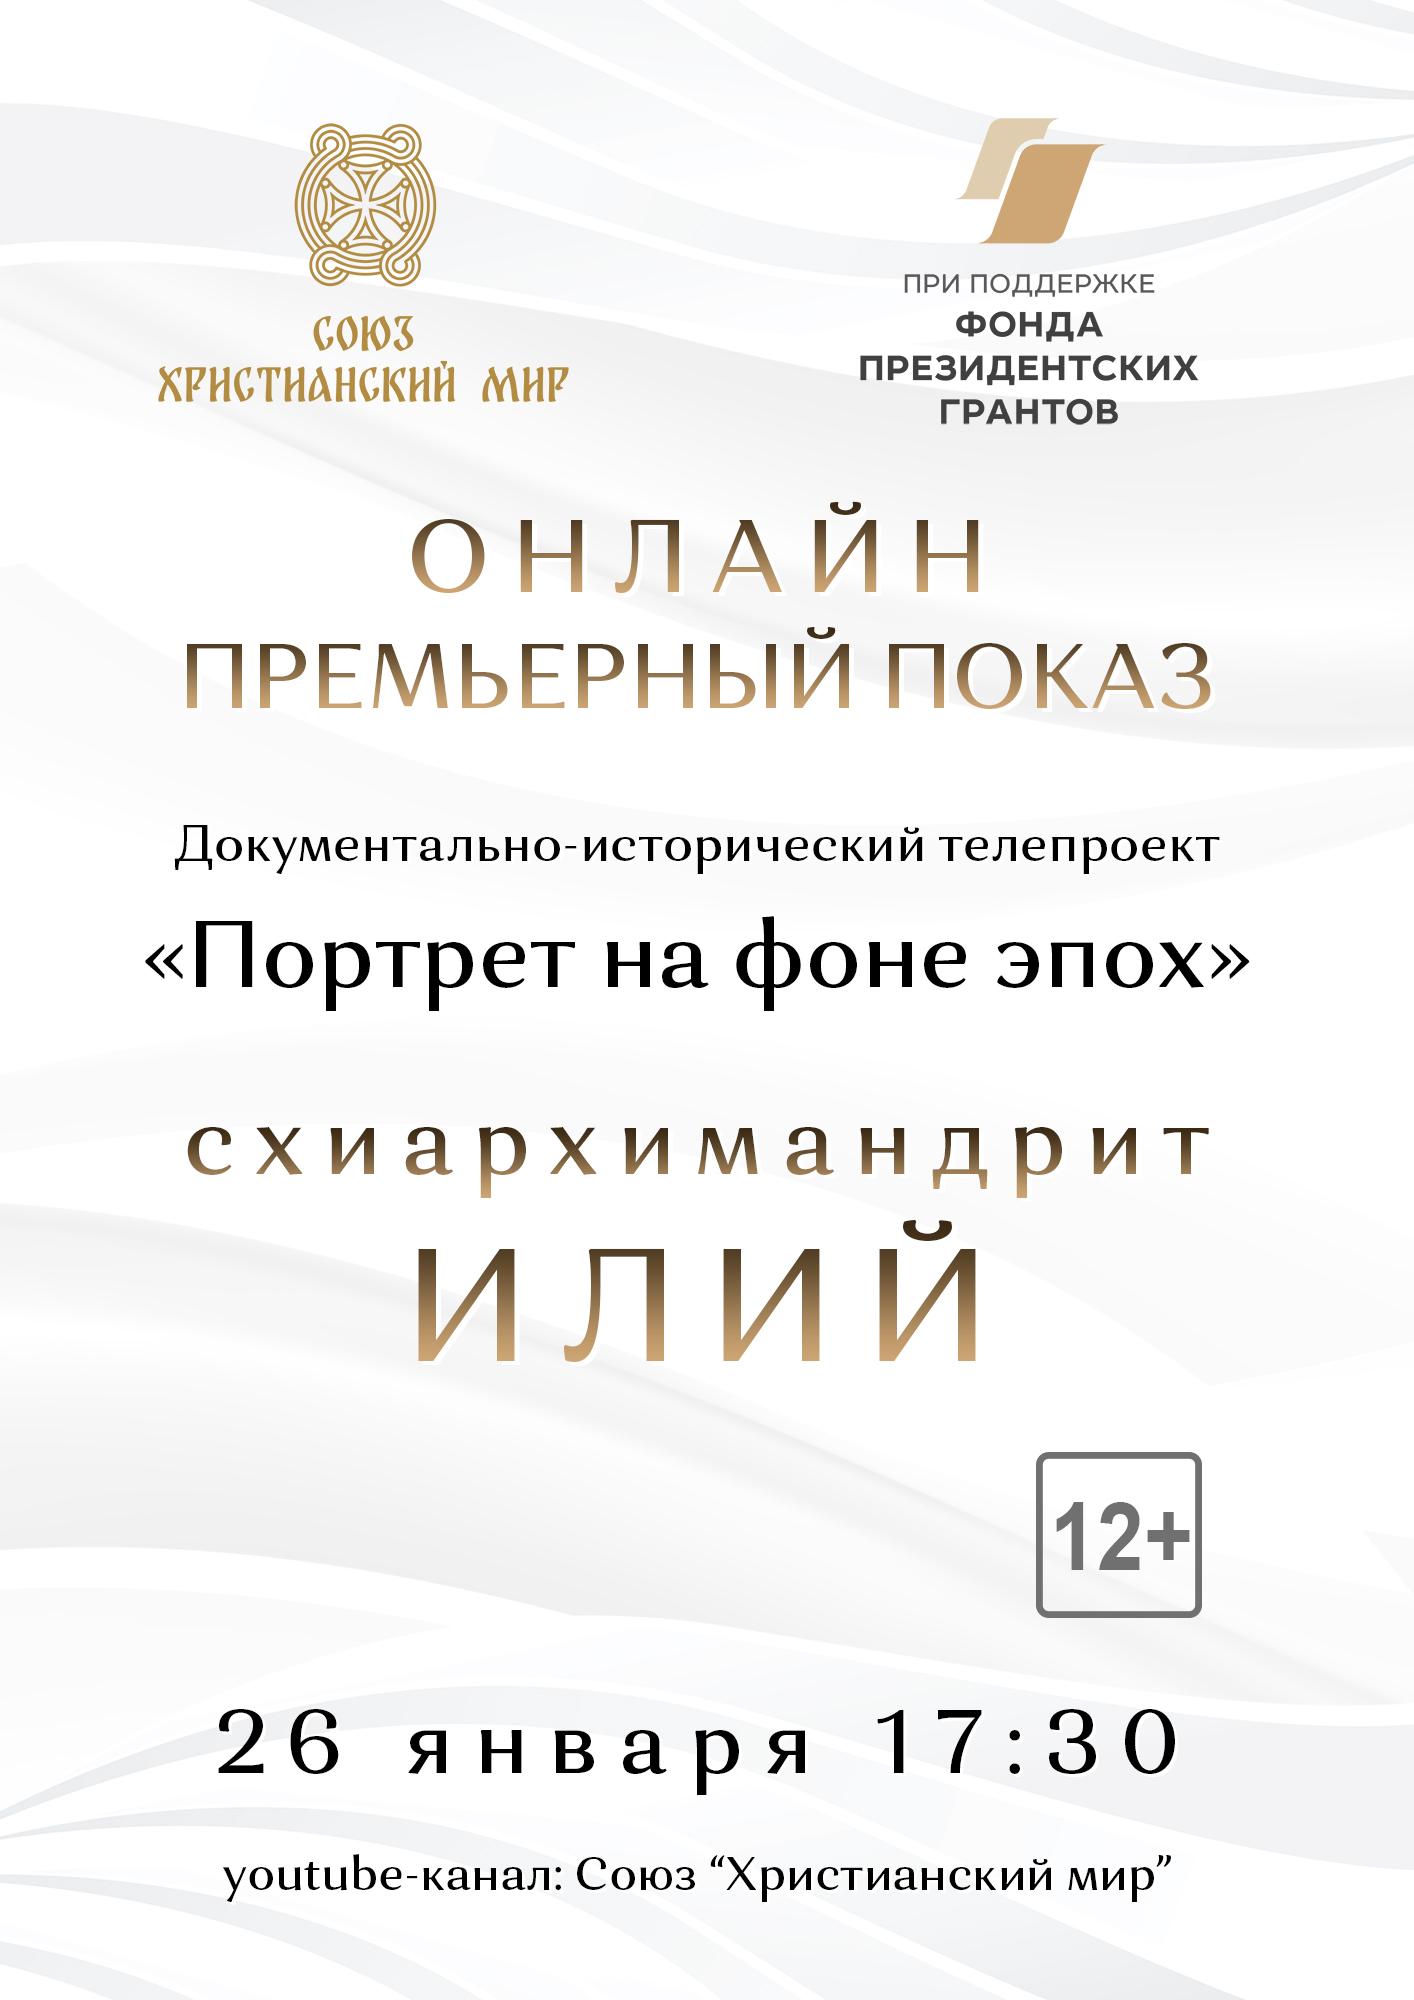 В Москве в онлайн формате состоится презентация и премьерный показ документально-исторического фильма «Портрет на фоне эпох. Схиархимандрит Илий»